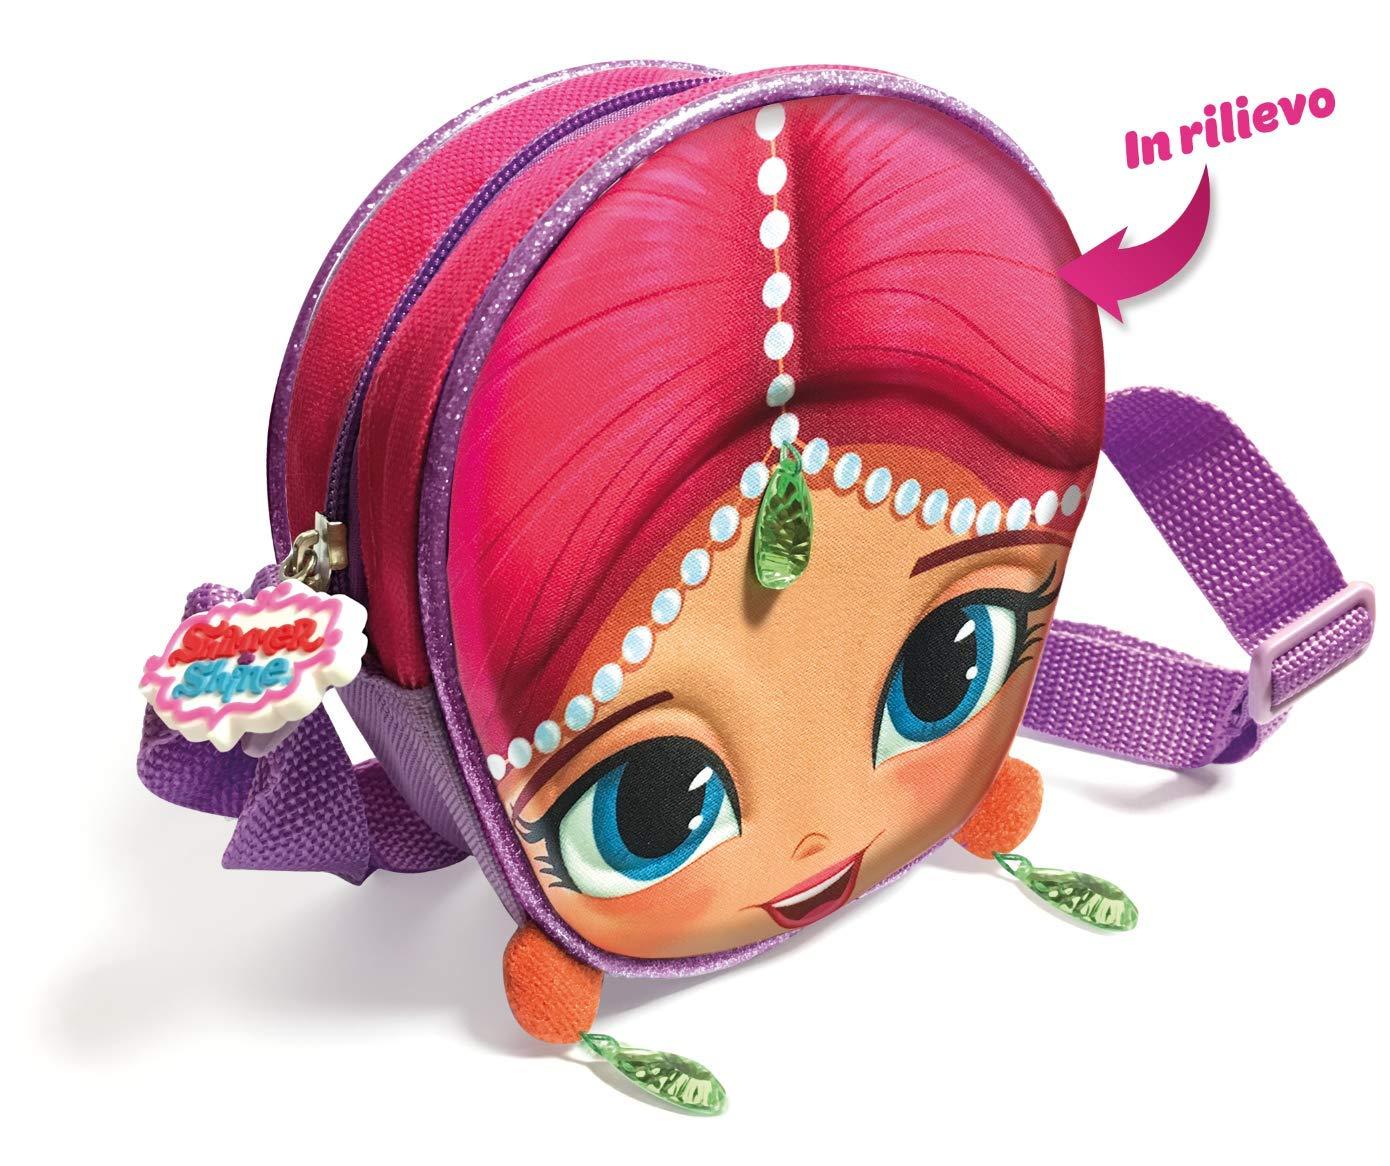 F85028 Memory Technology Borsa Shimmer /& Shine Borsettina a Tracolla in 3D Eva con Personaggio in Rilievo e Preziose Applicazioni per Bambini